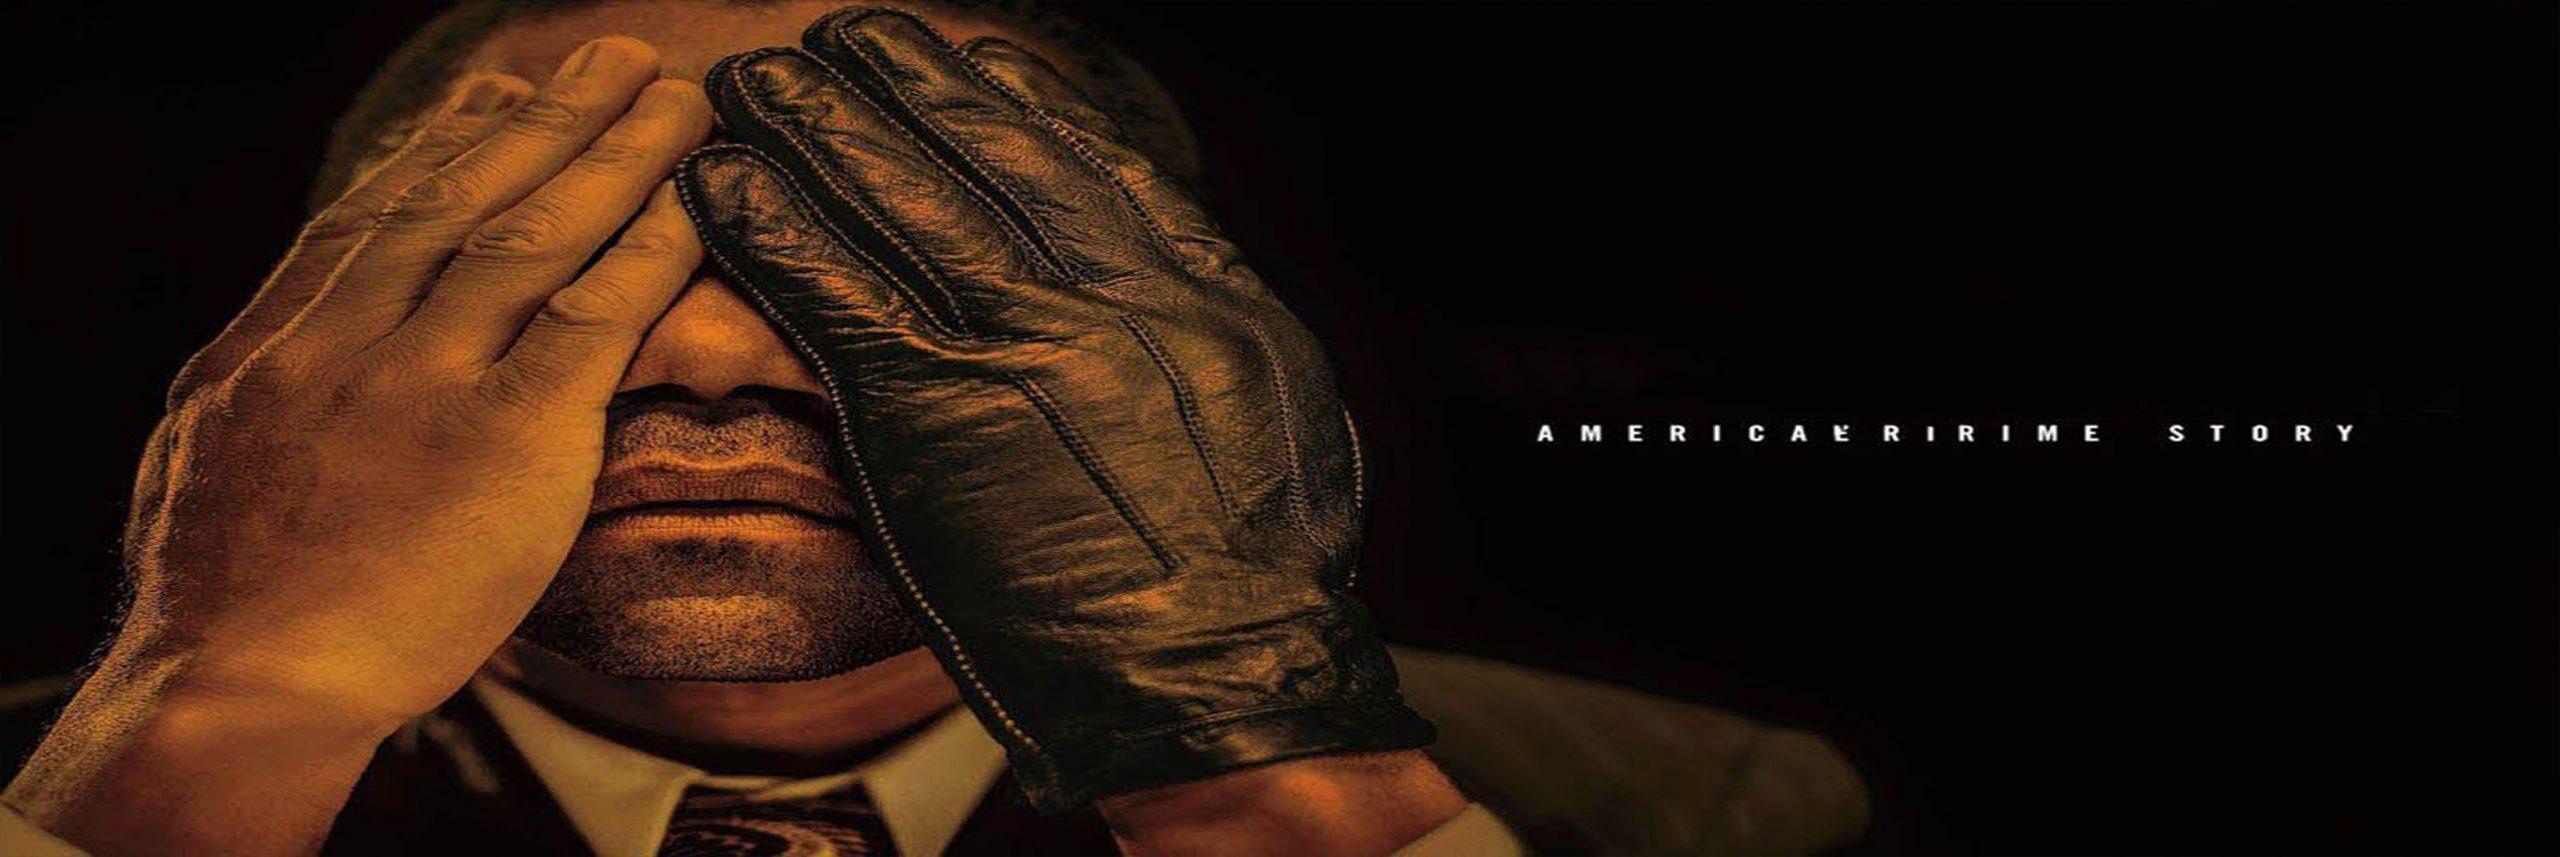 داستان جنایی آمریکایی – American Crime Story